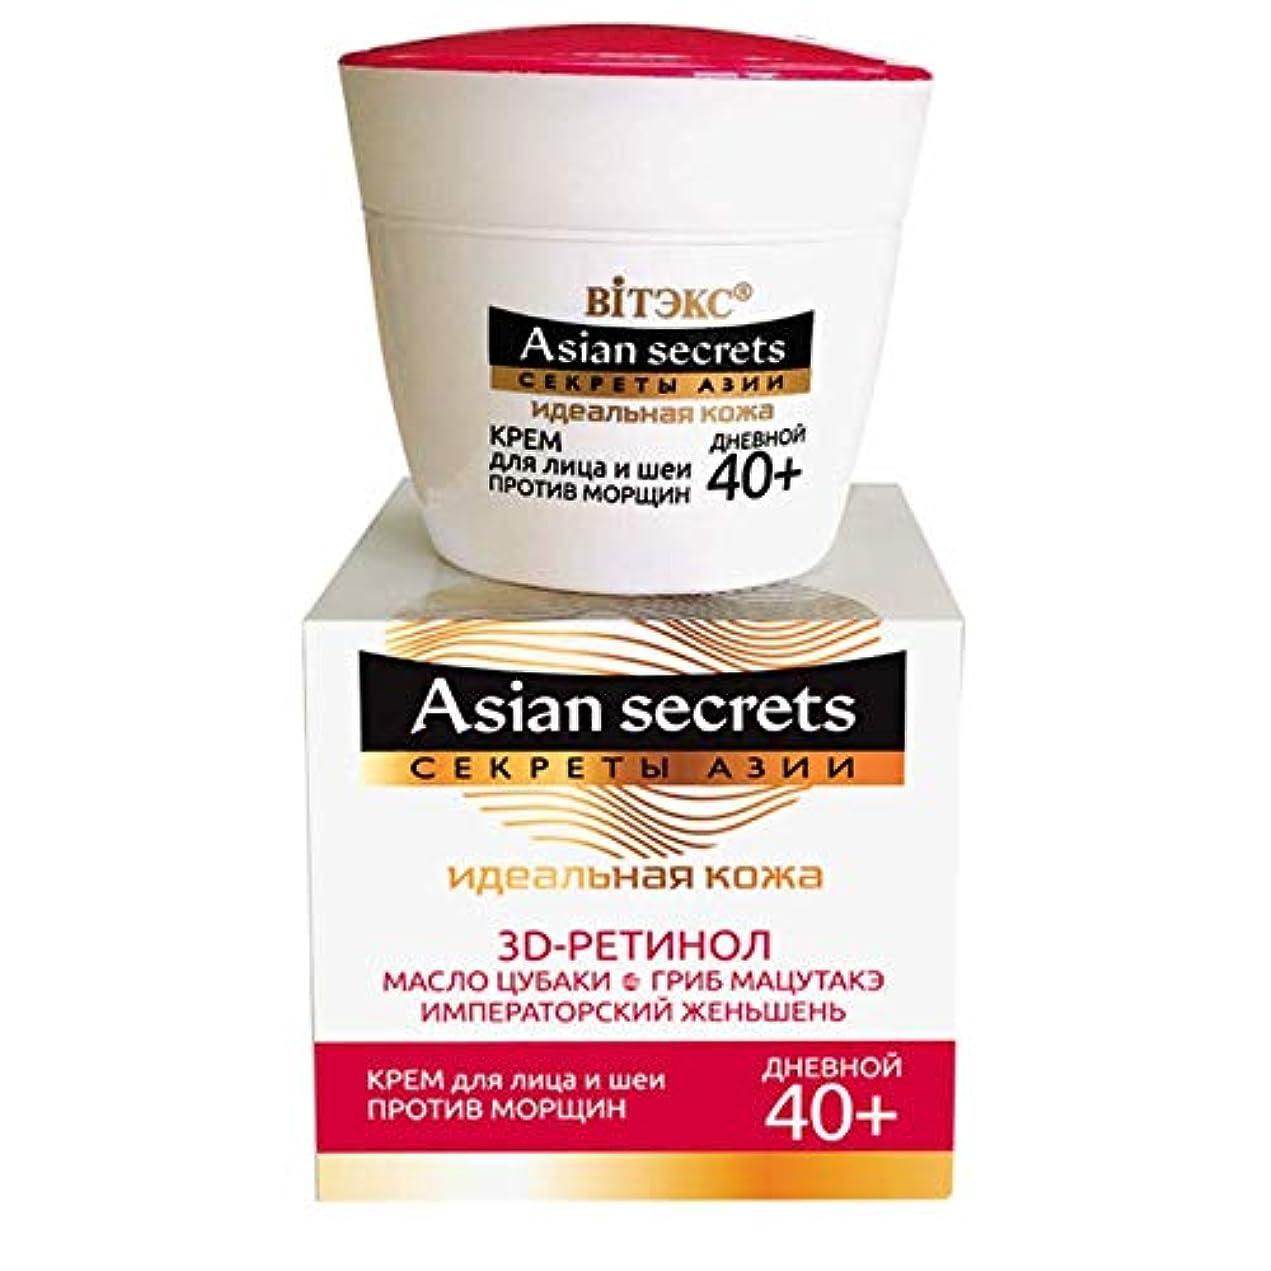 カヌー区別するロシアSkin Care Moisturizer for dry skin and normal skin. Korean Beauty - Face day Cream Moisturizer | Japanese Camellia, MATSUTAKE, GINSENG, 45 ml